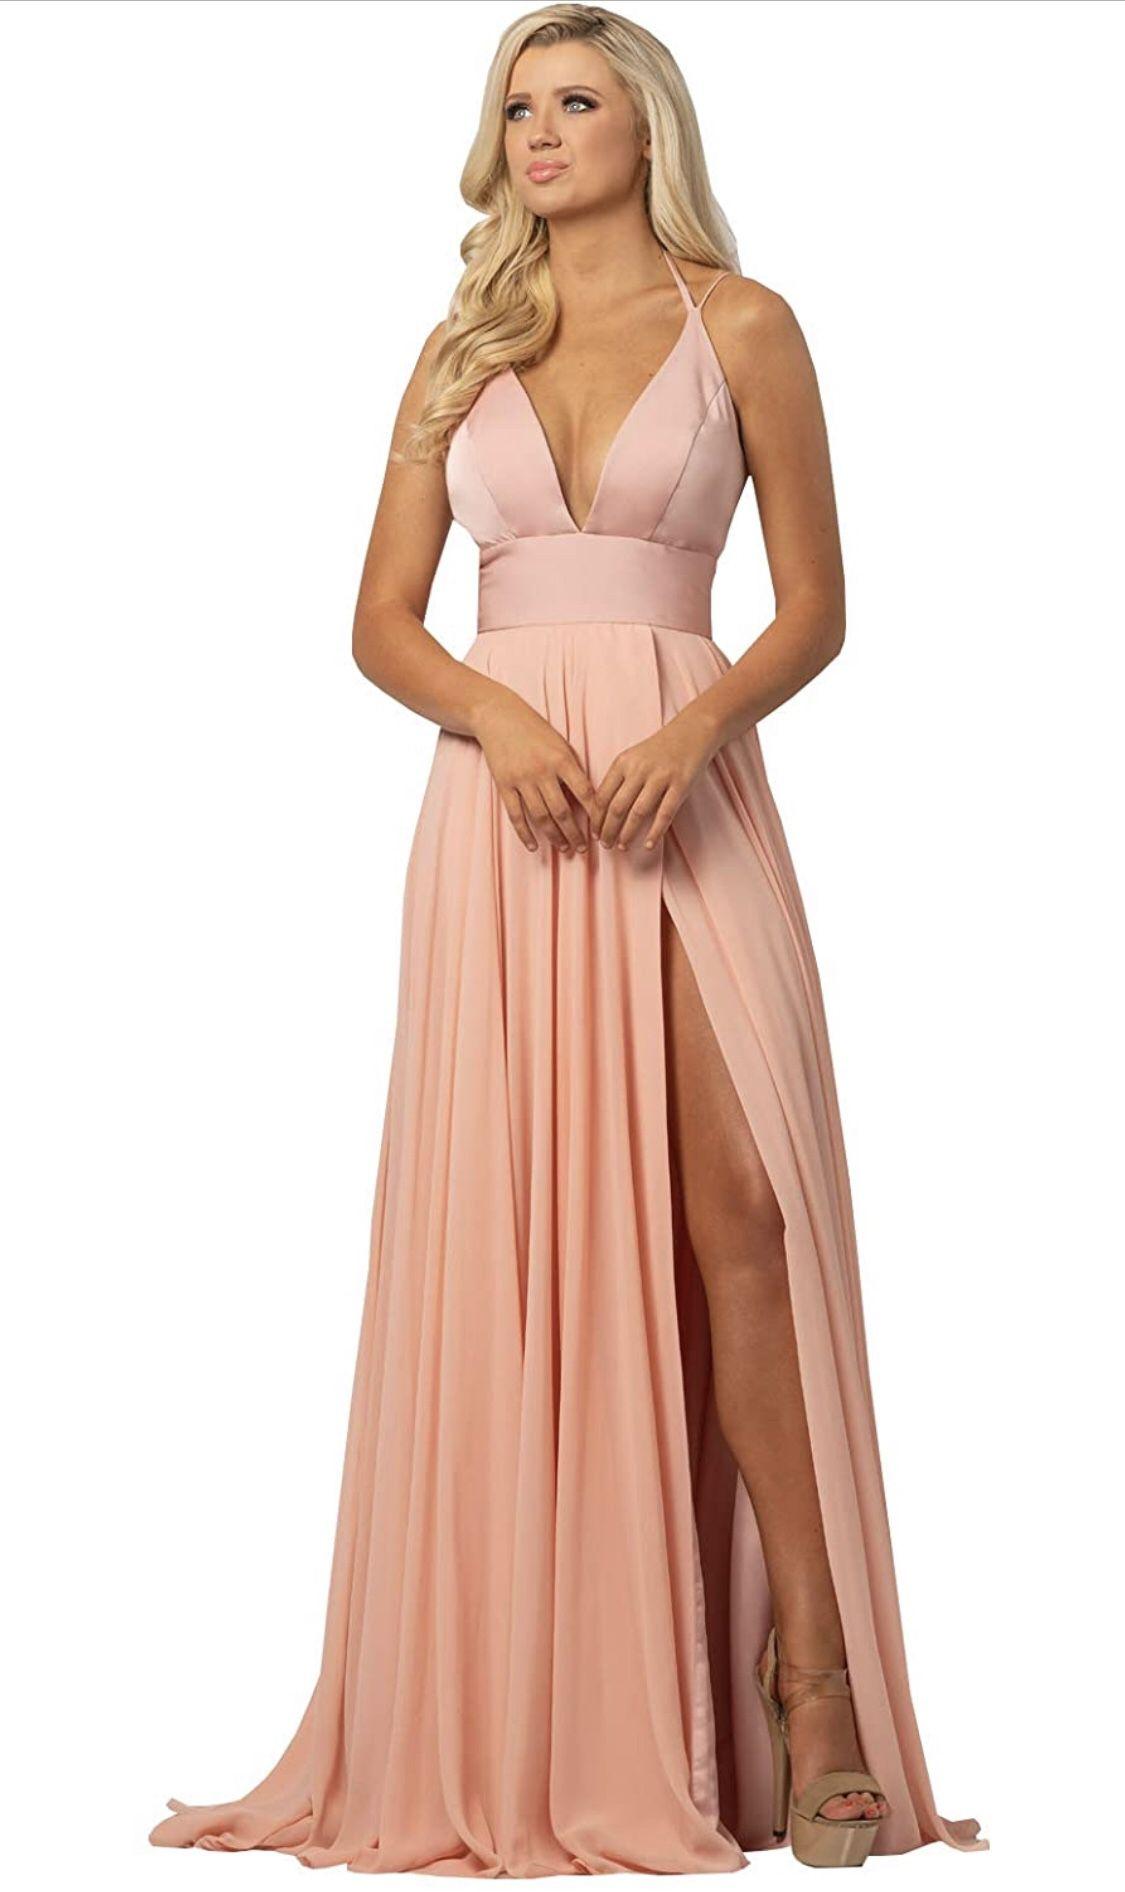 Solodish Blush Pink Dress